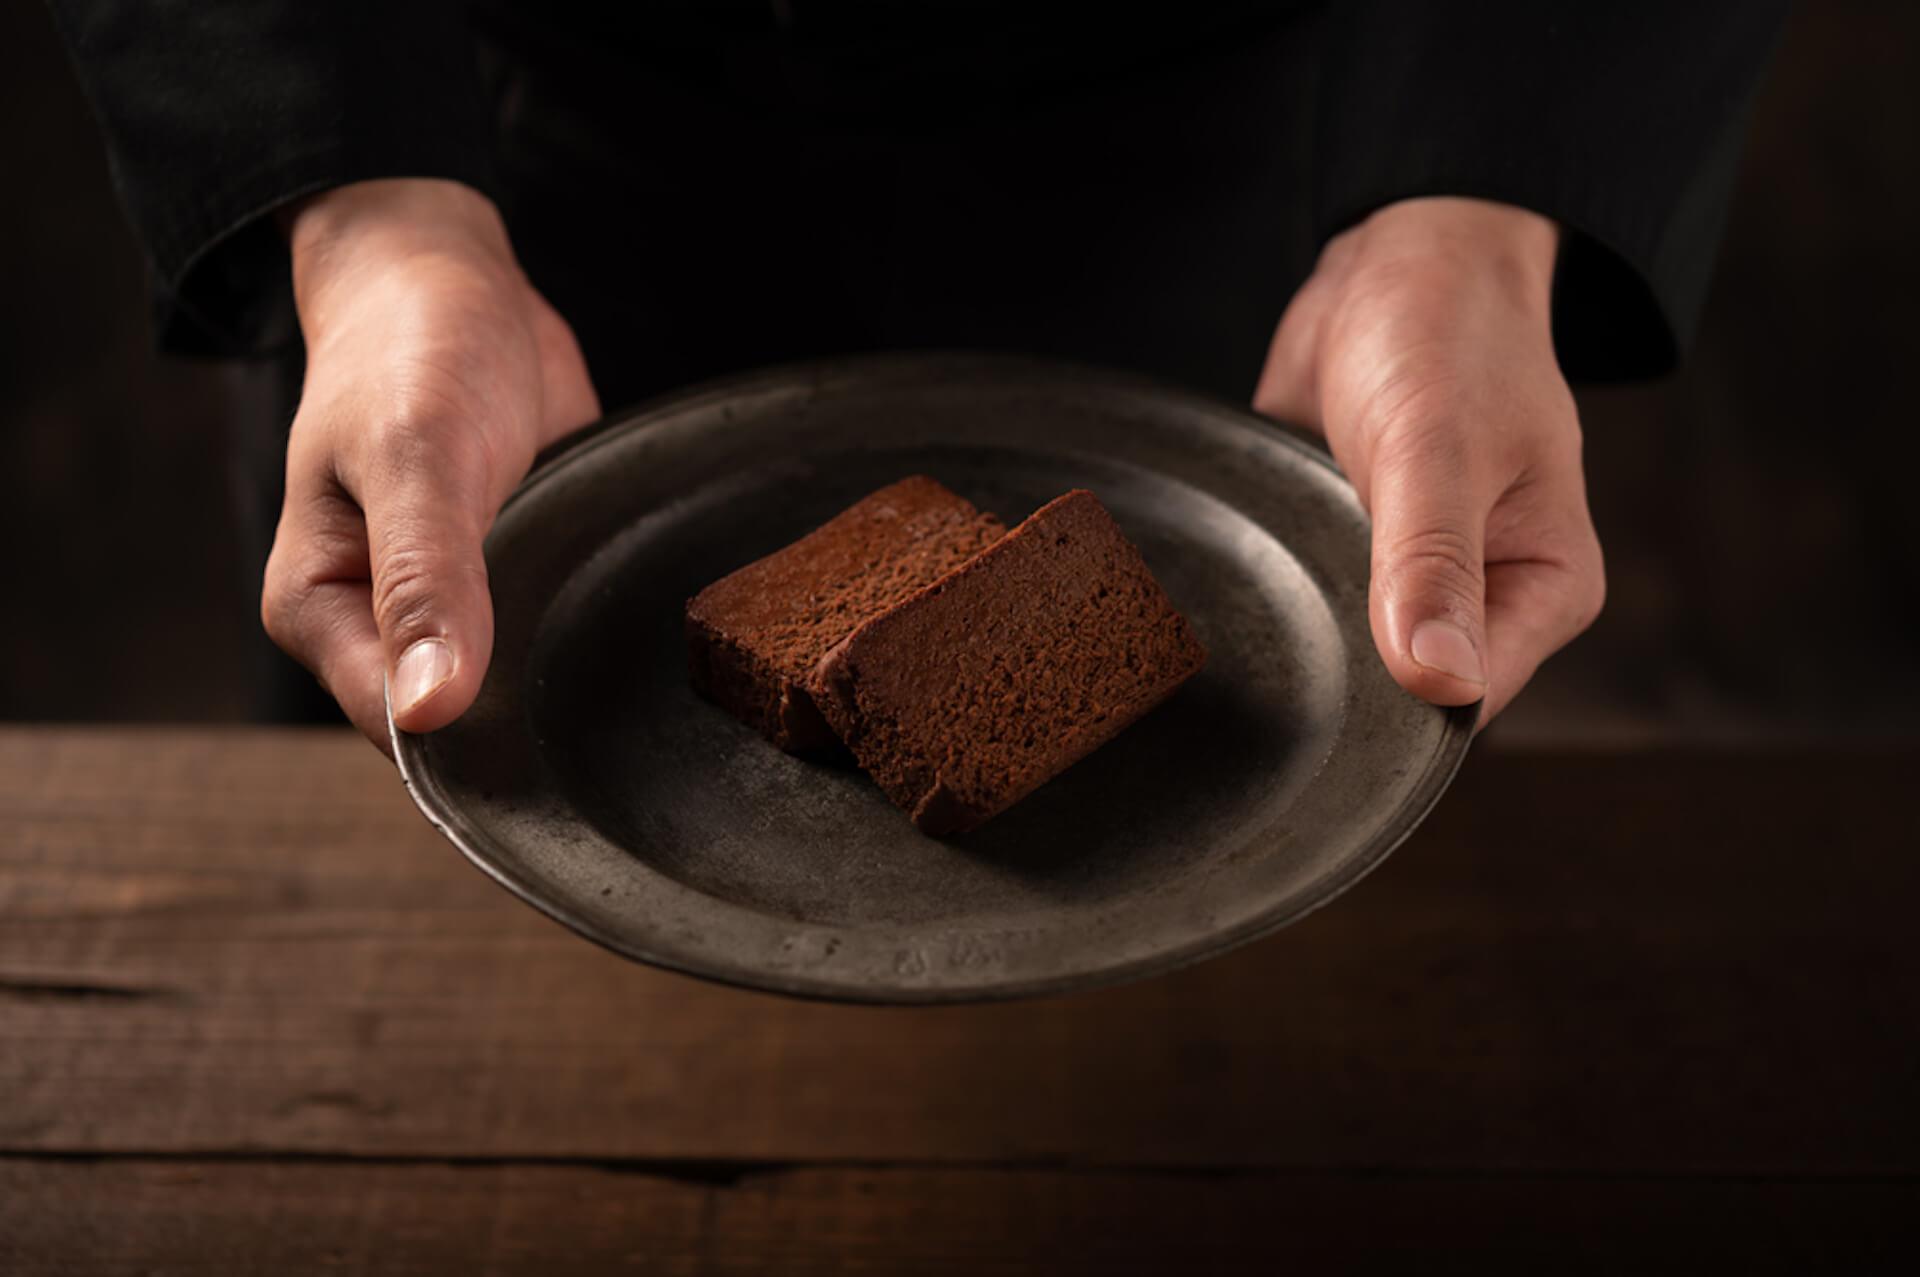 究極のガトーショコラを自由が丘で味わえる!予約半年待ちで話題の「THE LAB」が東京に上陸 gourmet210622_thelab_1